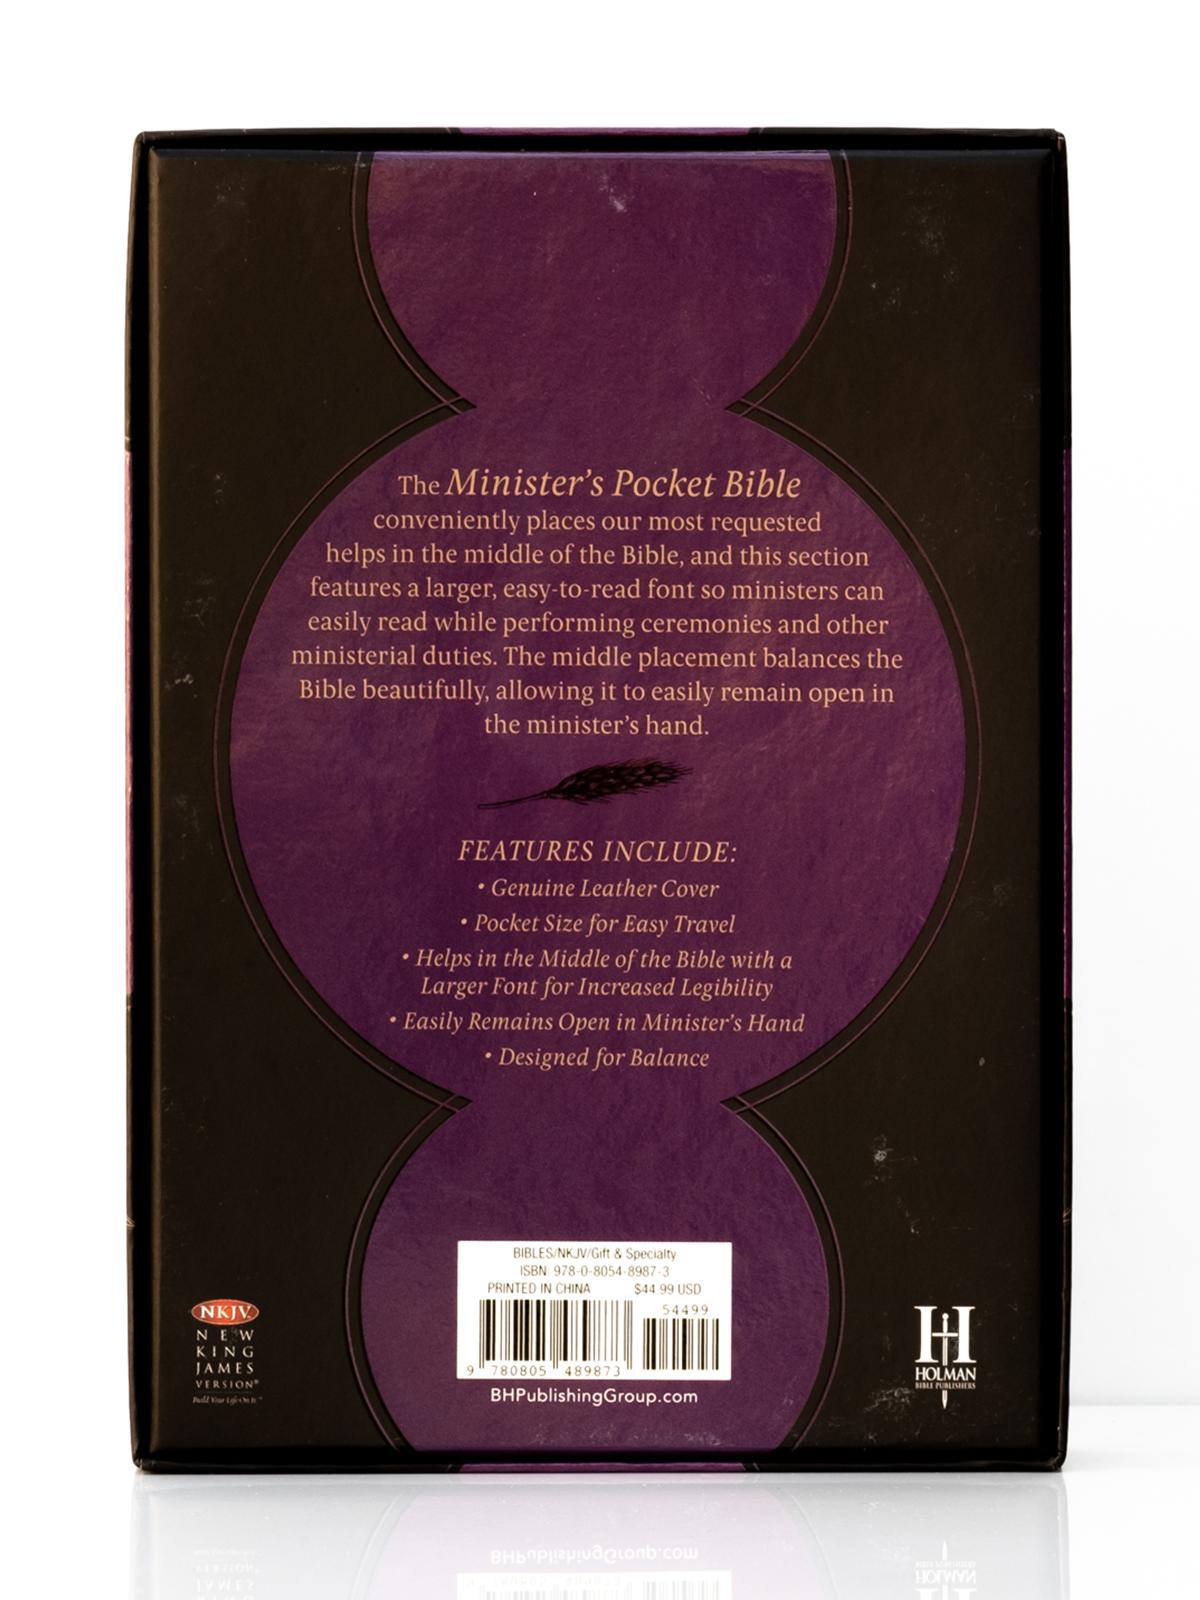 NKJV Ministers Pocket Bible Back Cover